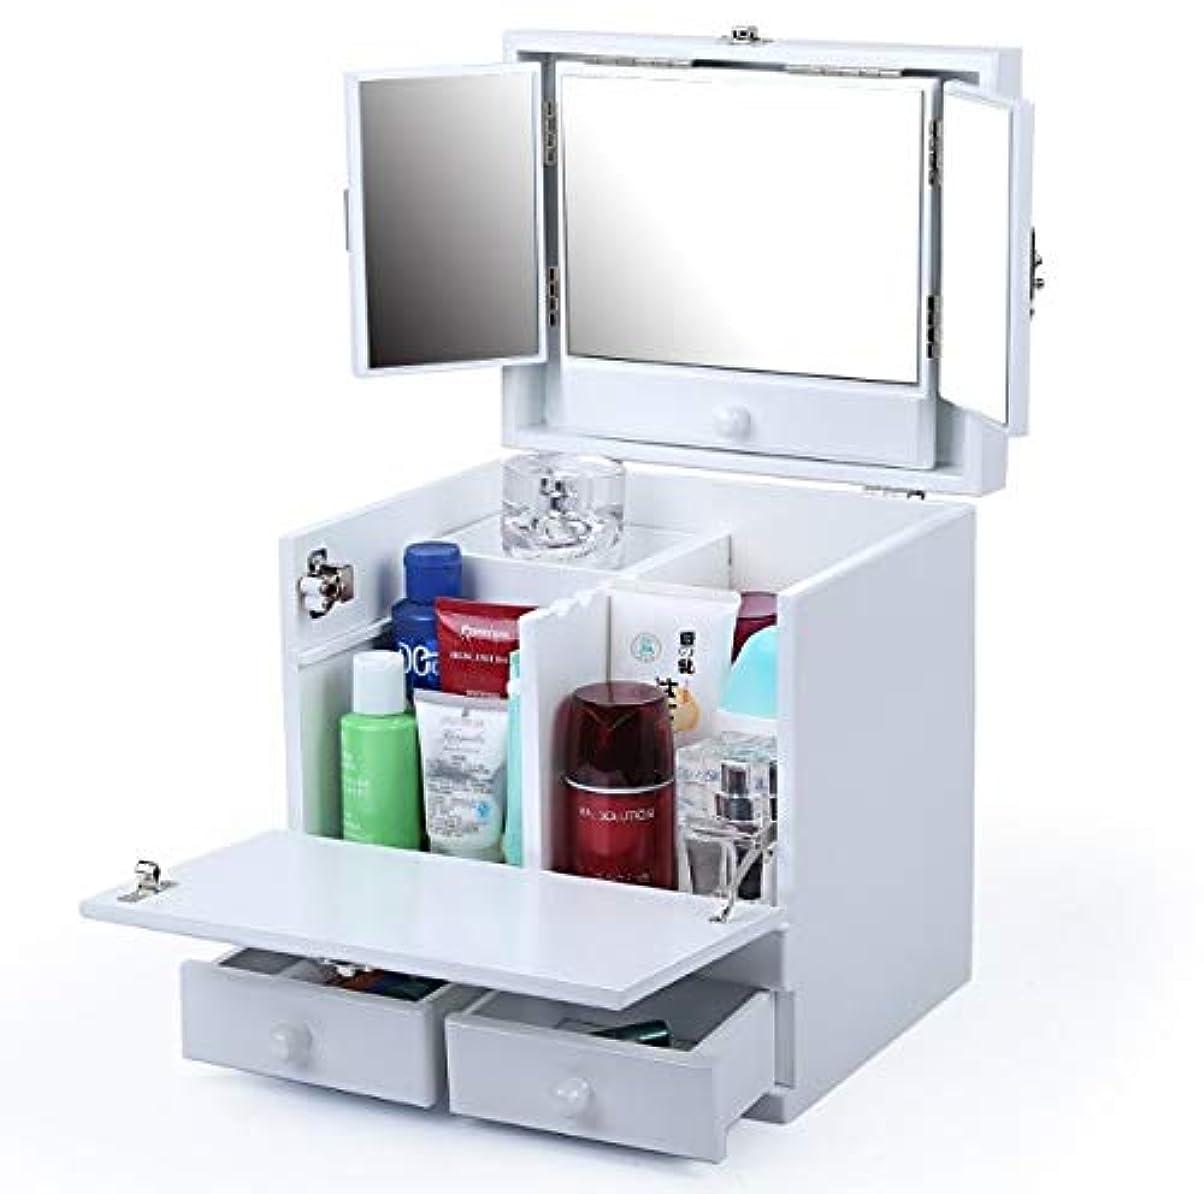 インド重量咽頭化粧箱、白のダブルデッカーヴィンテージ木彫り化粧品ケース、ミラー、高級ウェディングギフト、新築祝いギフト、美容ネイルジュエリー収納ボックス